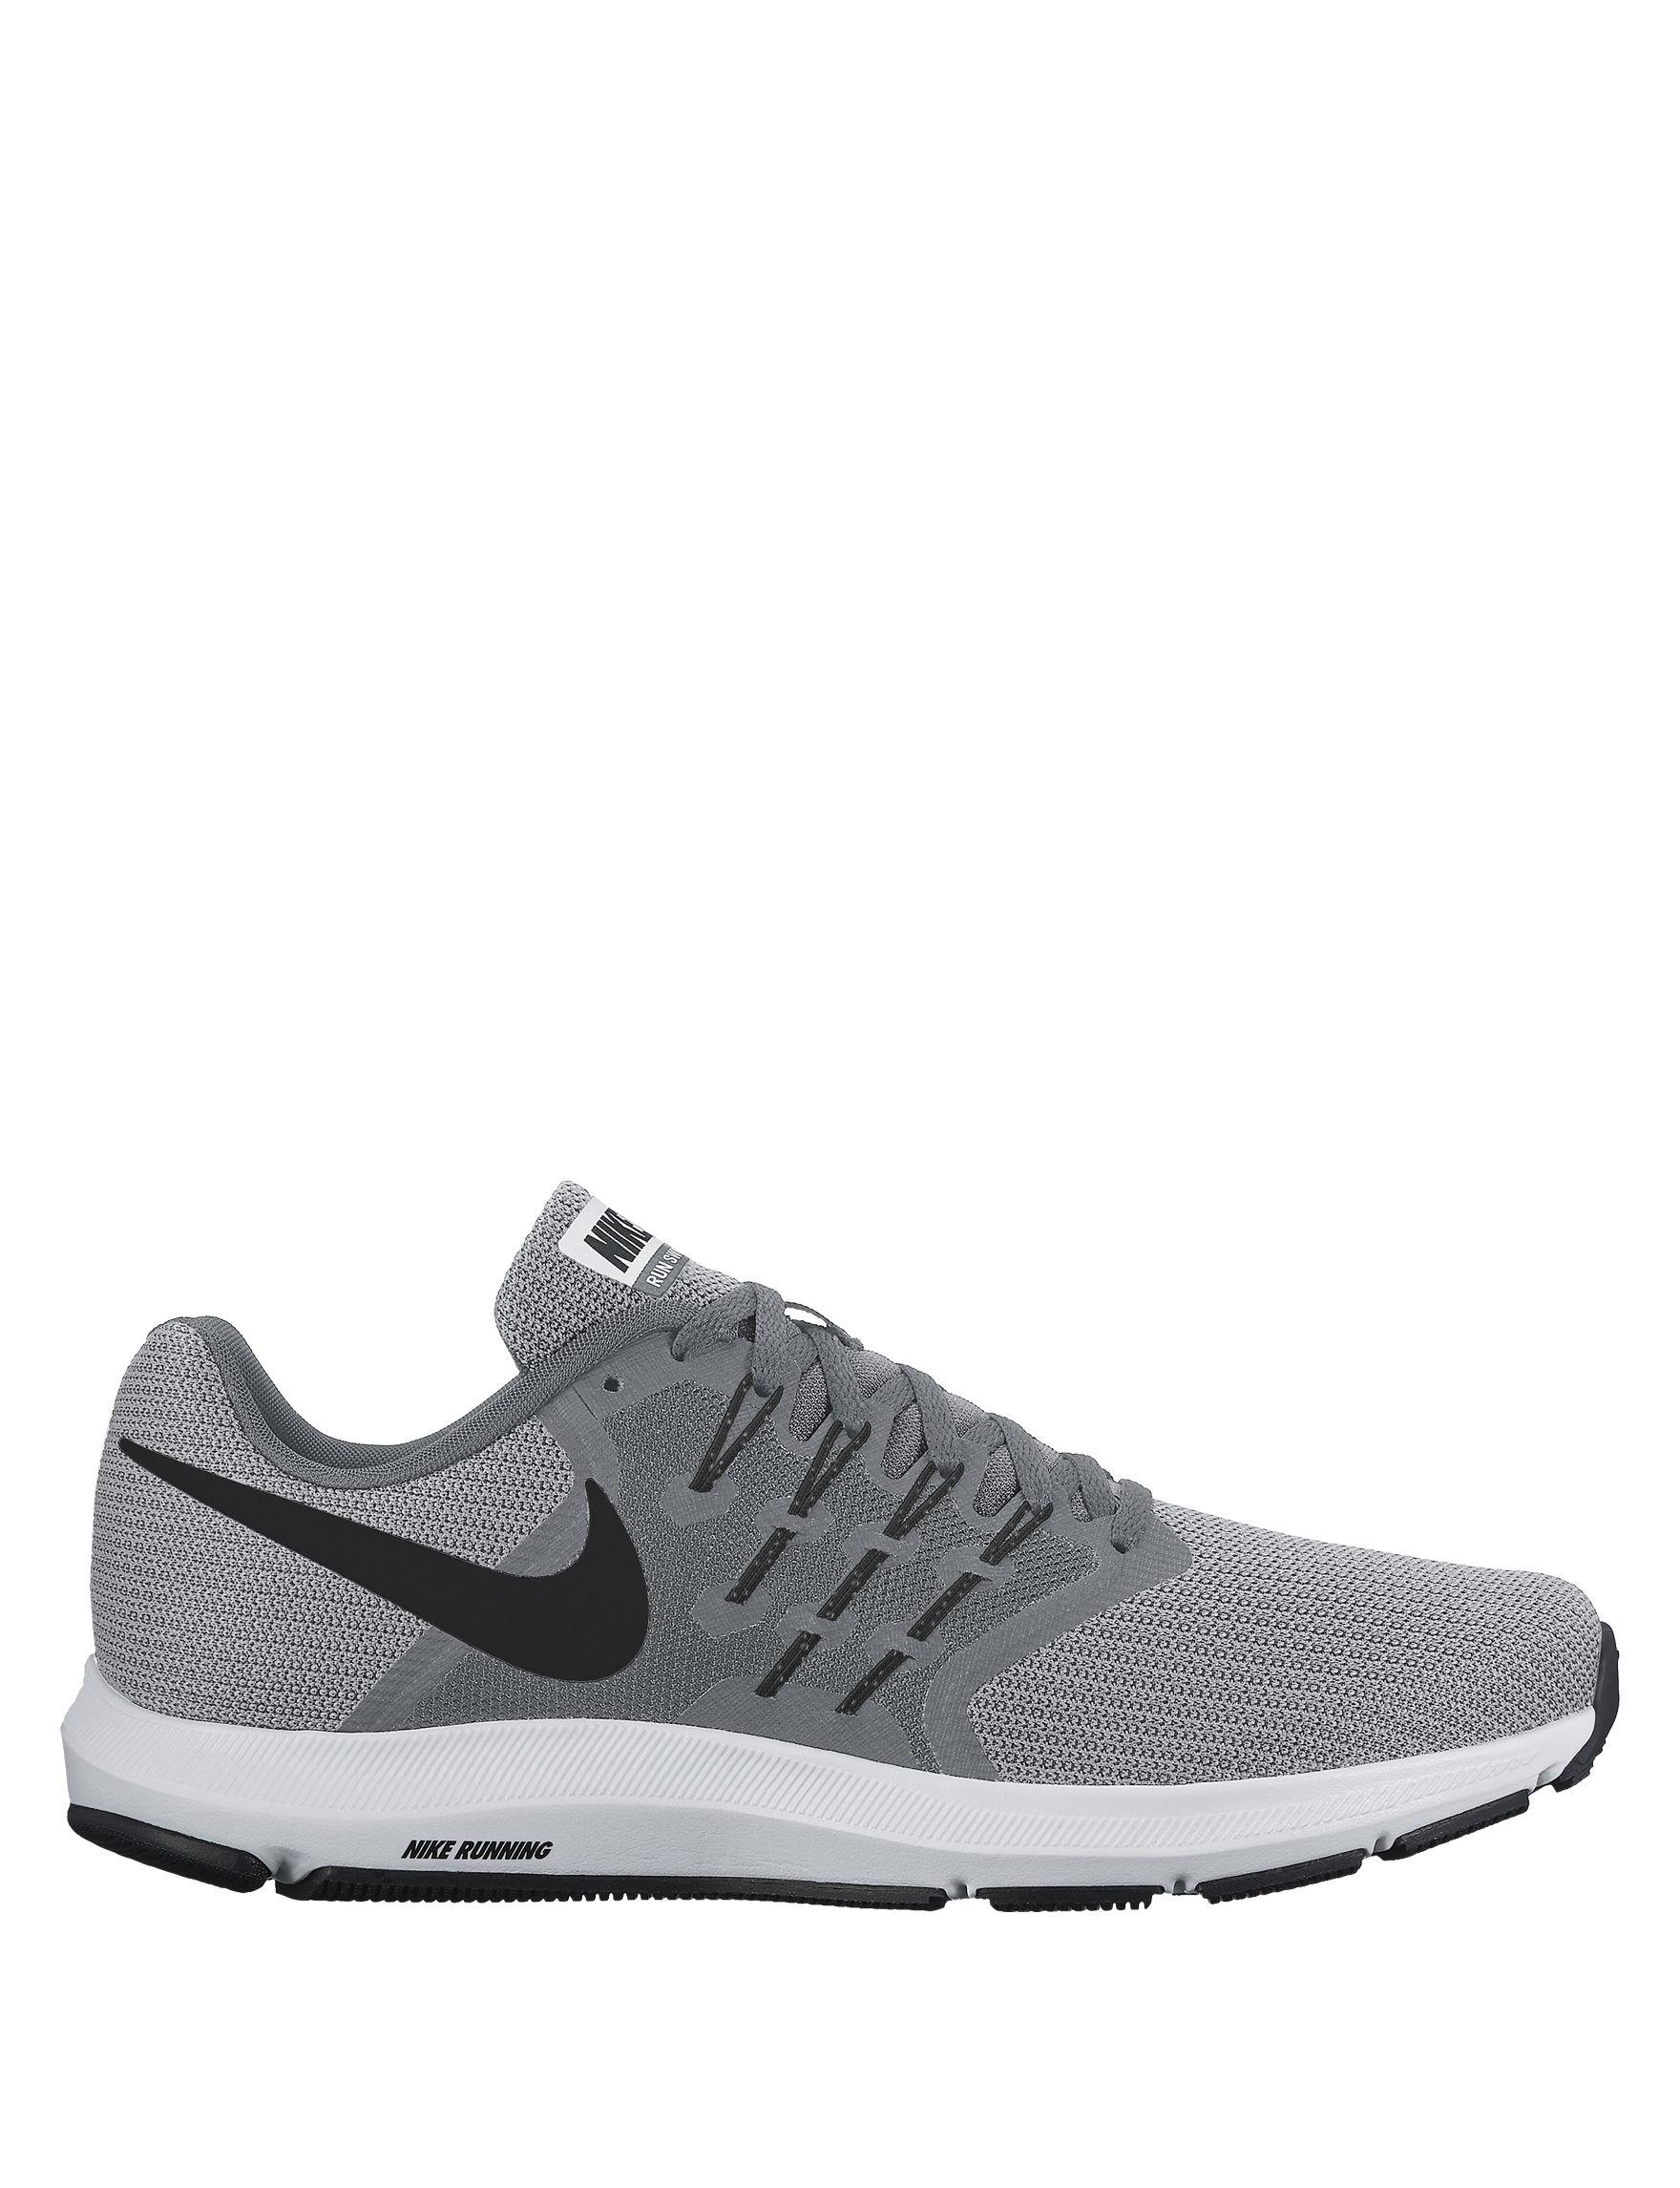 fd186b8a56c Nike Women s Run Swift Running Shoes